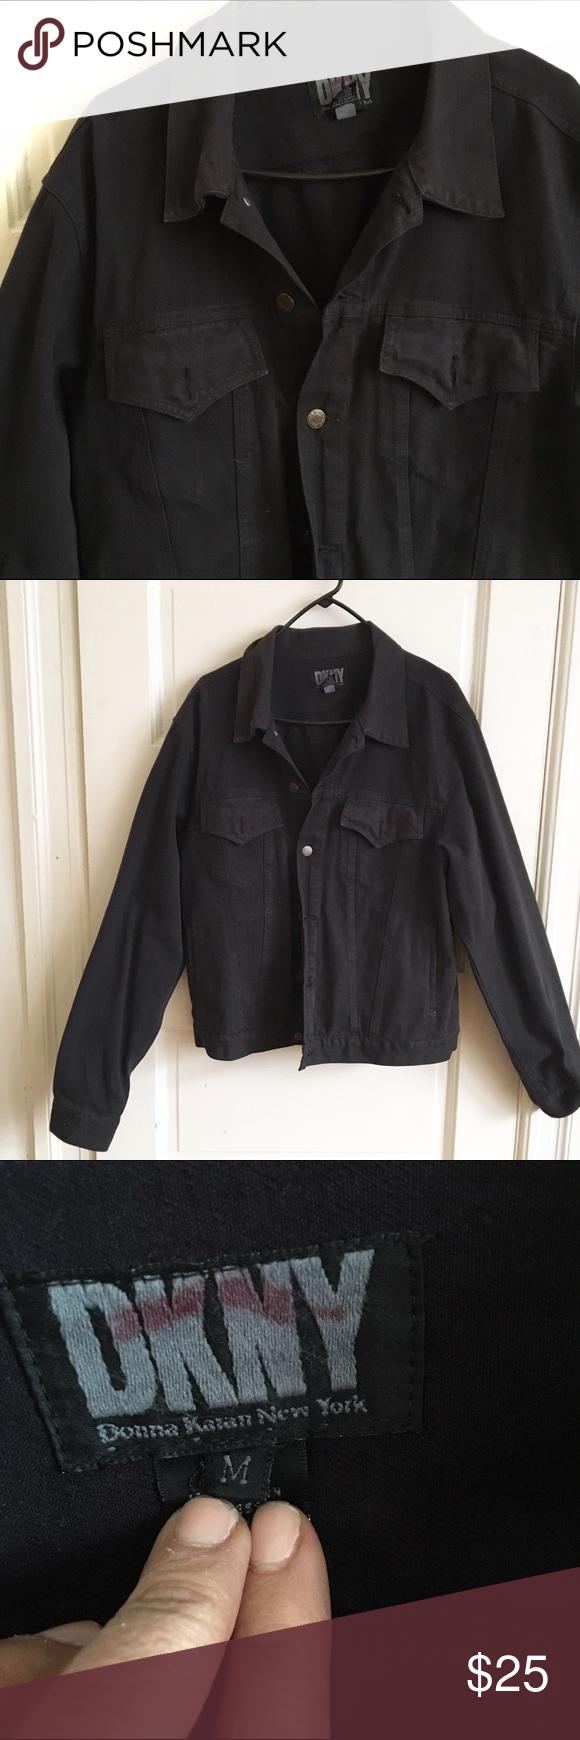 MENS DKNY DENIM JACKET MENS DKNY DENIM JACKET. Black size medium DKNY Jackets & Coats